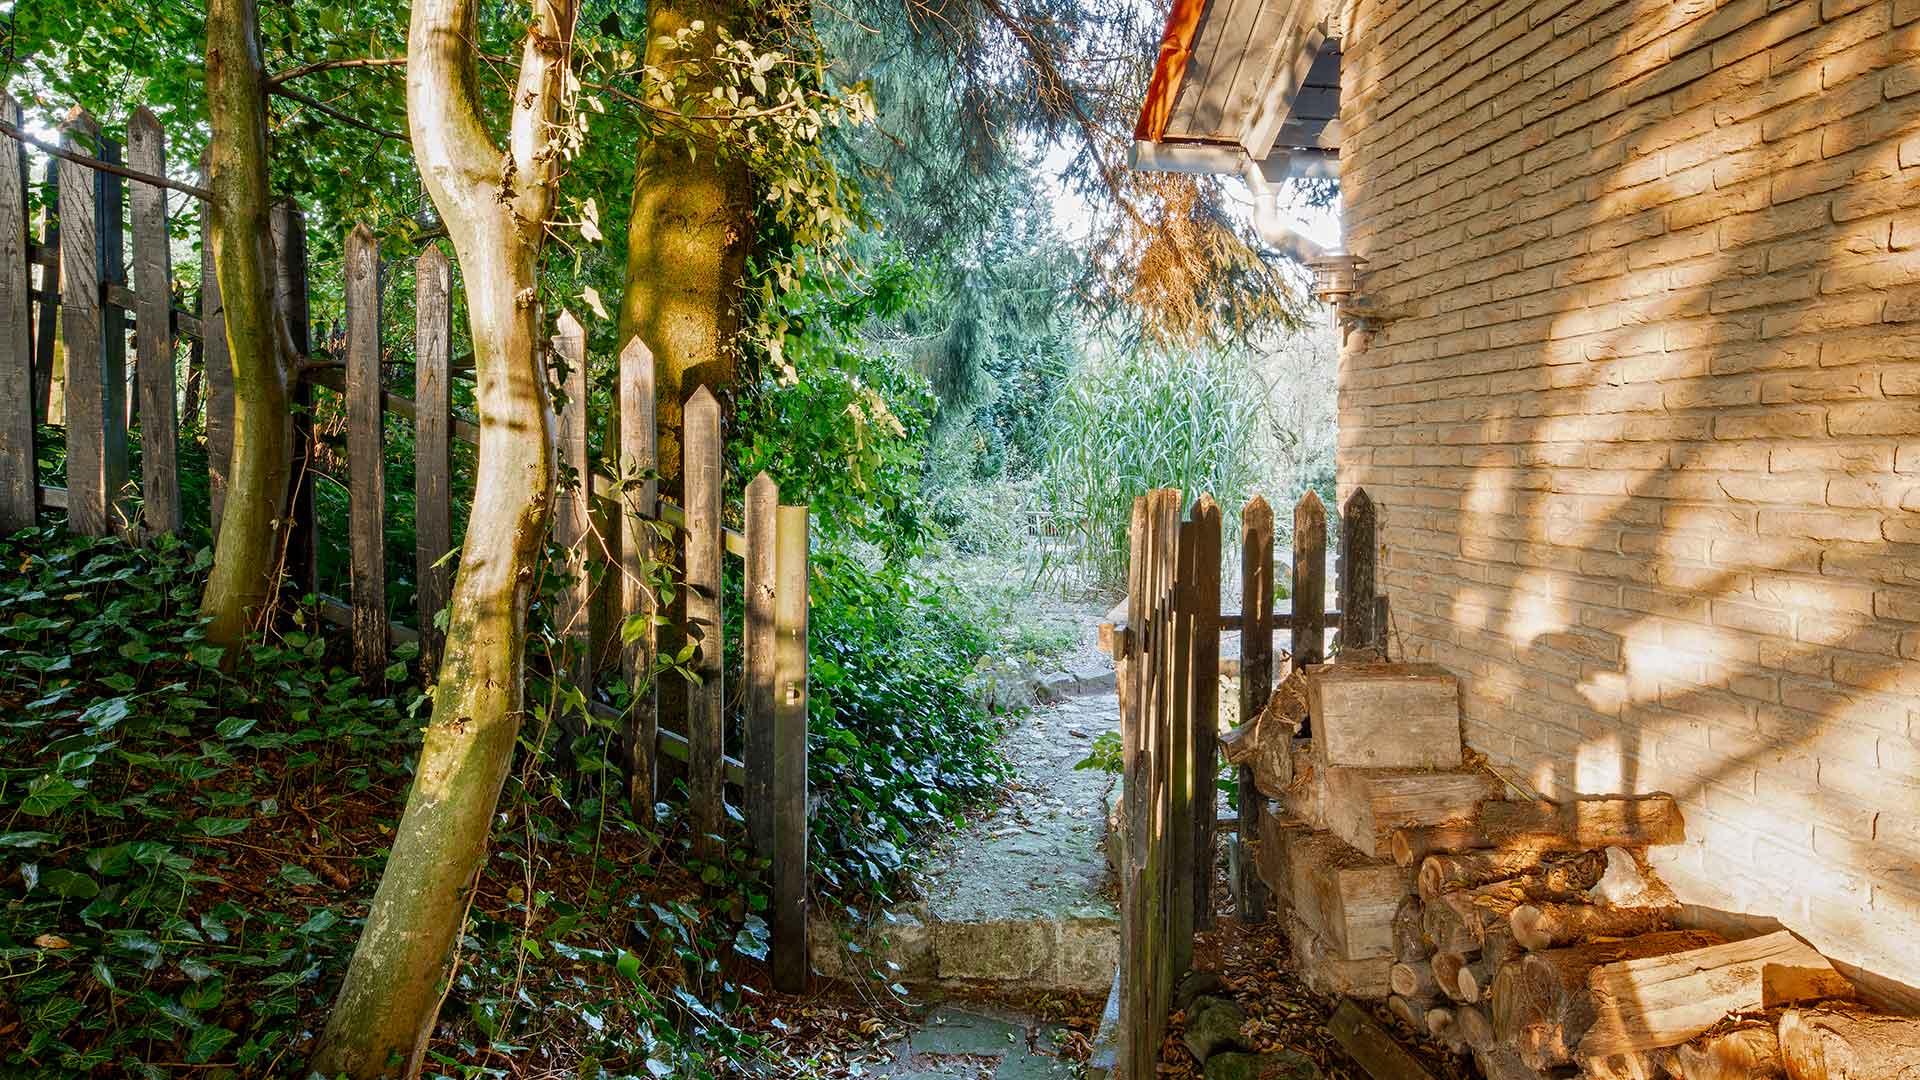 Architekturfotografie: Lichtspiele Seiteneingang | Foto: Dieter Eikenberg, imprints